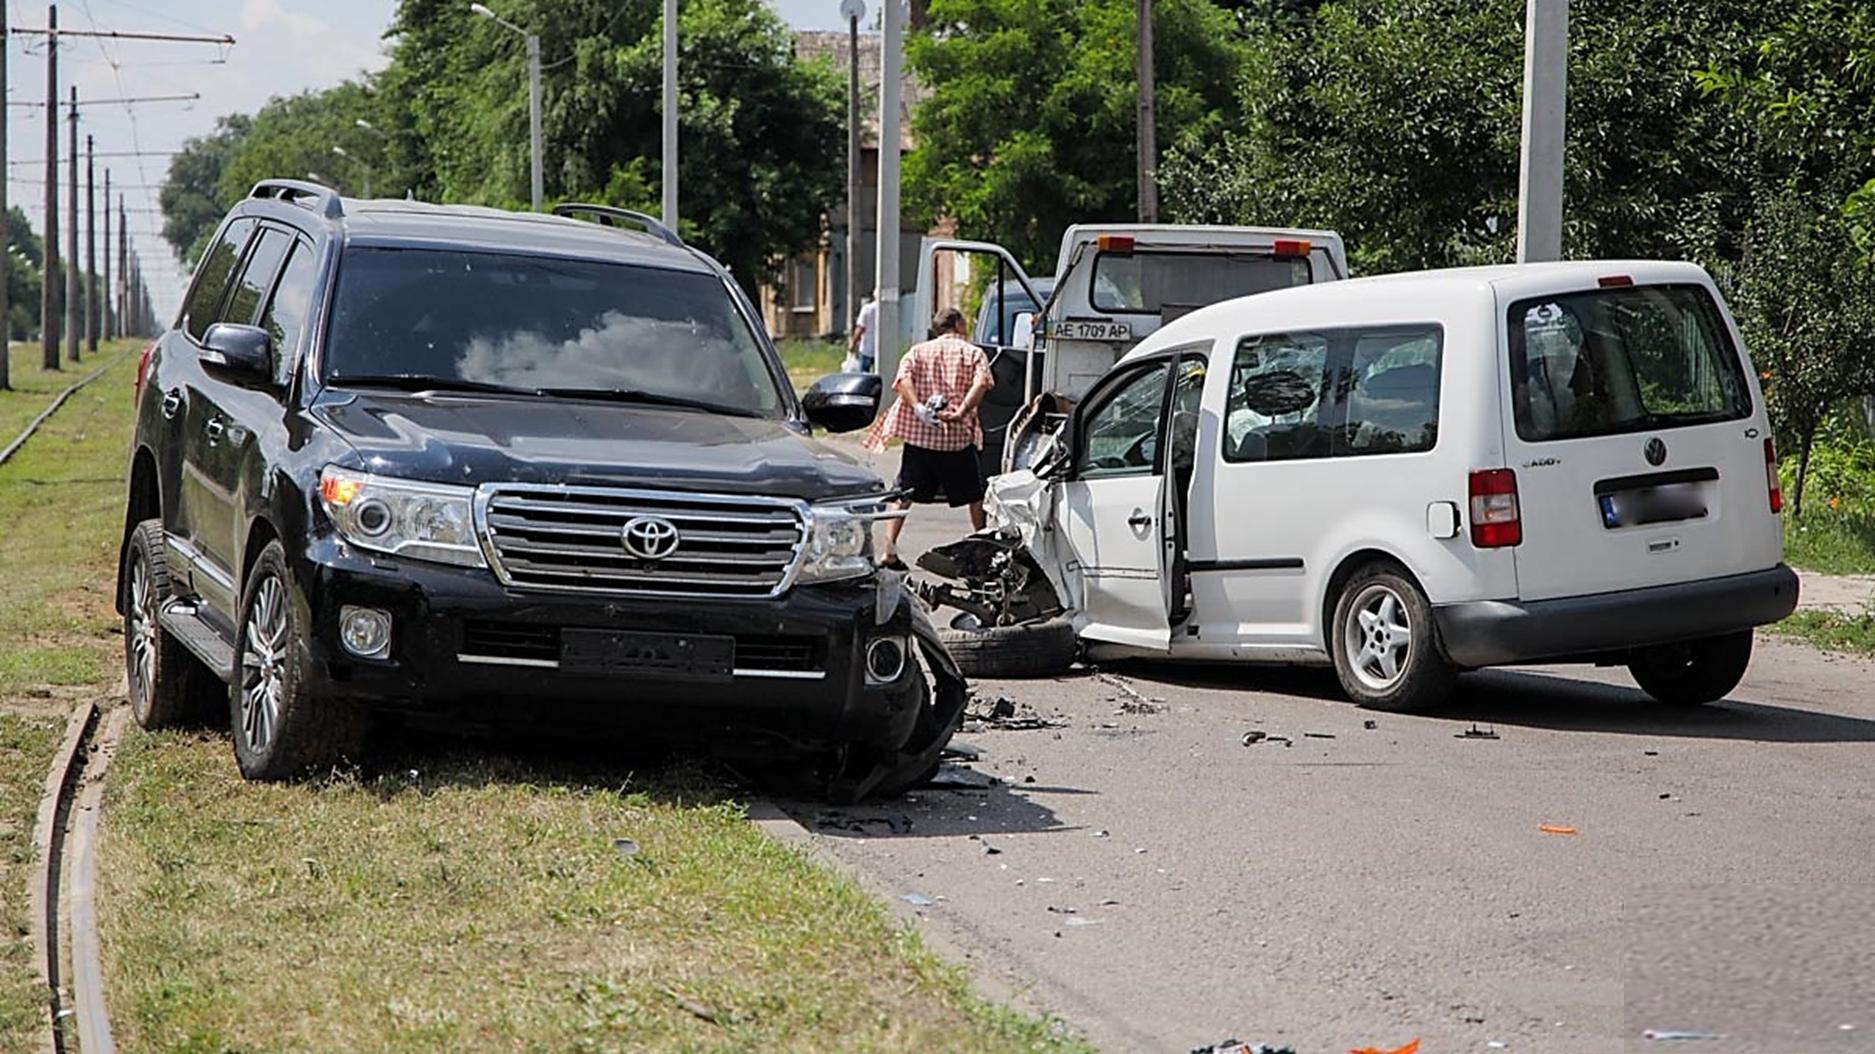 додаткове страхування автоцивілка поліс страховка ДТП